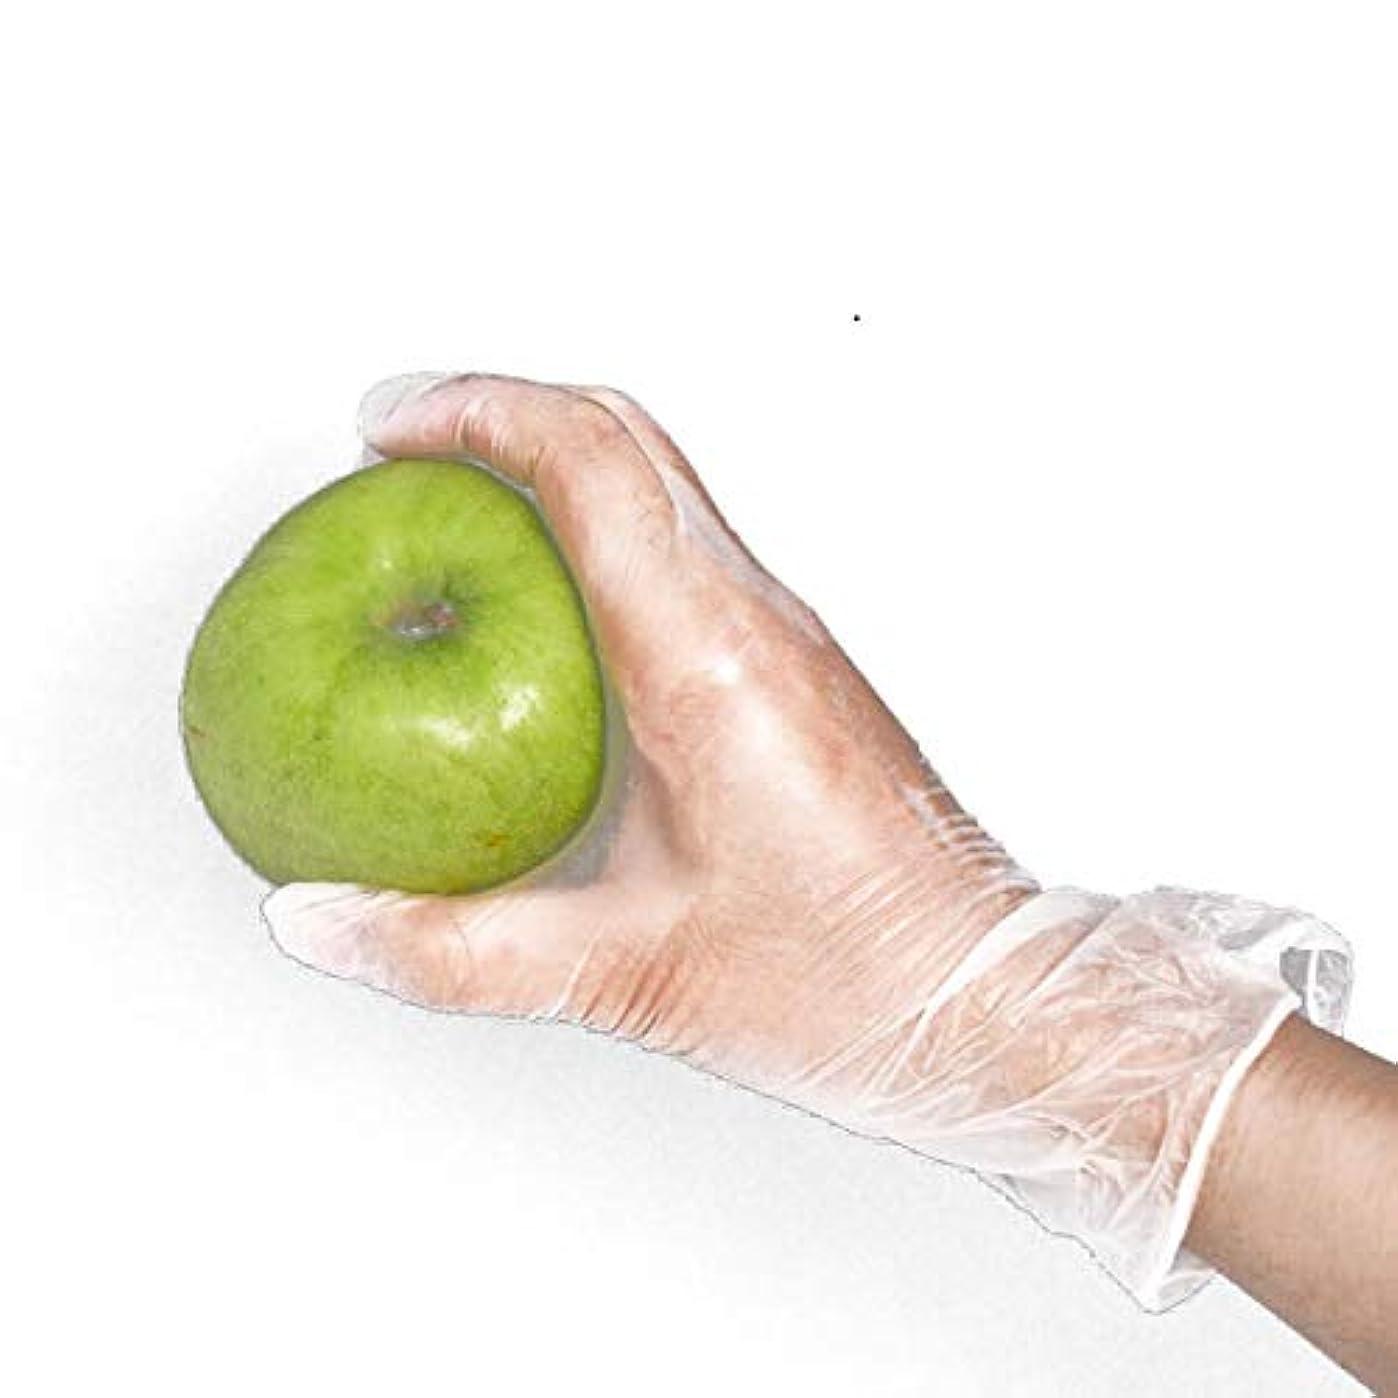 護衛面白い照らす[FJTK]使い捨て手袋 透明 100枚入 ホワイト 医療 美容 科学実験 (S)